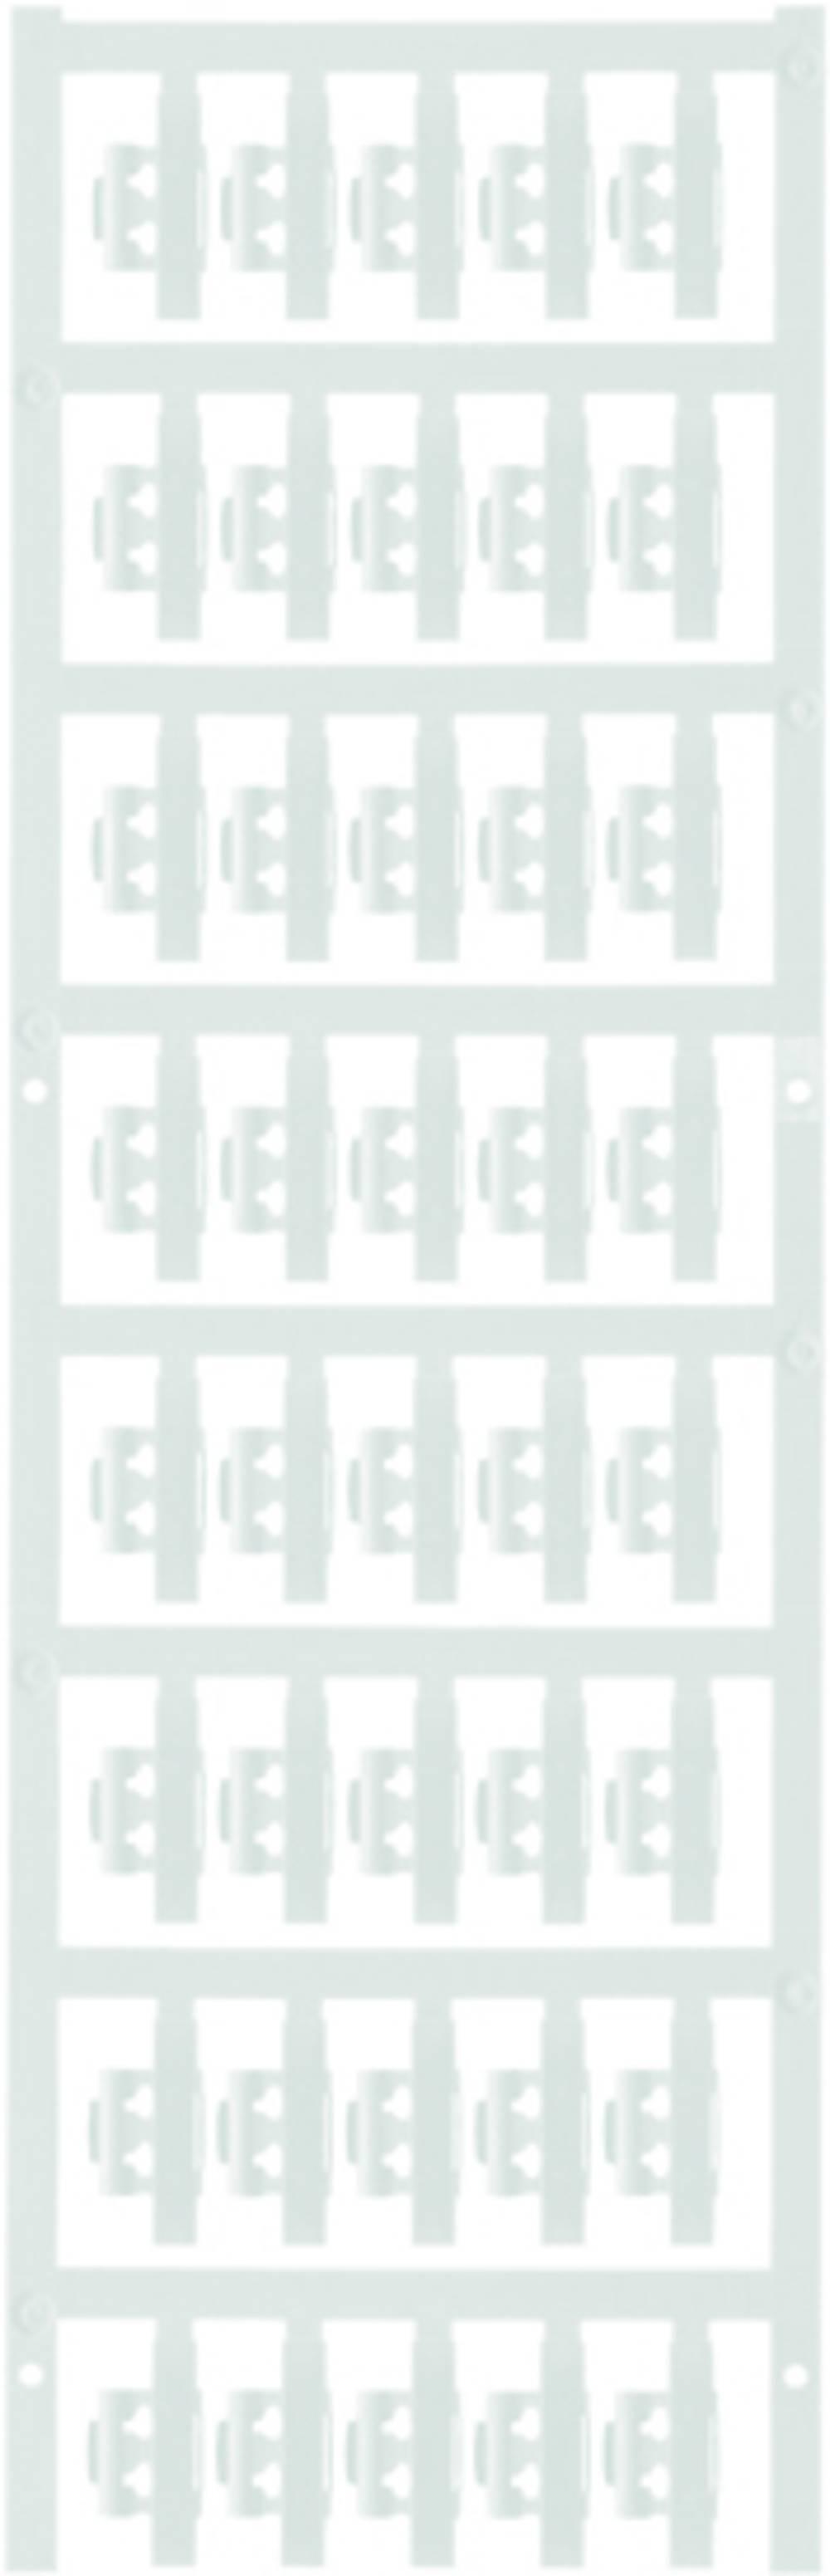 Markeringsophæng Weidmüller SFC 1/21 NEUTRAL WS 1779080001 200 stk Antal markører 200 Hvid